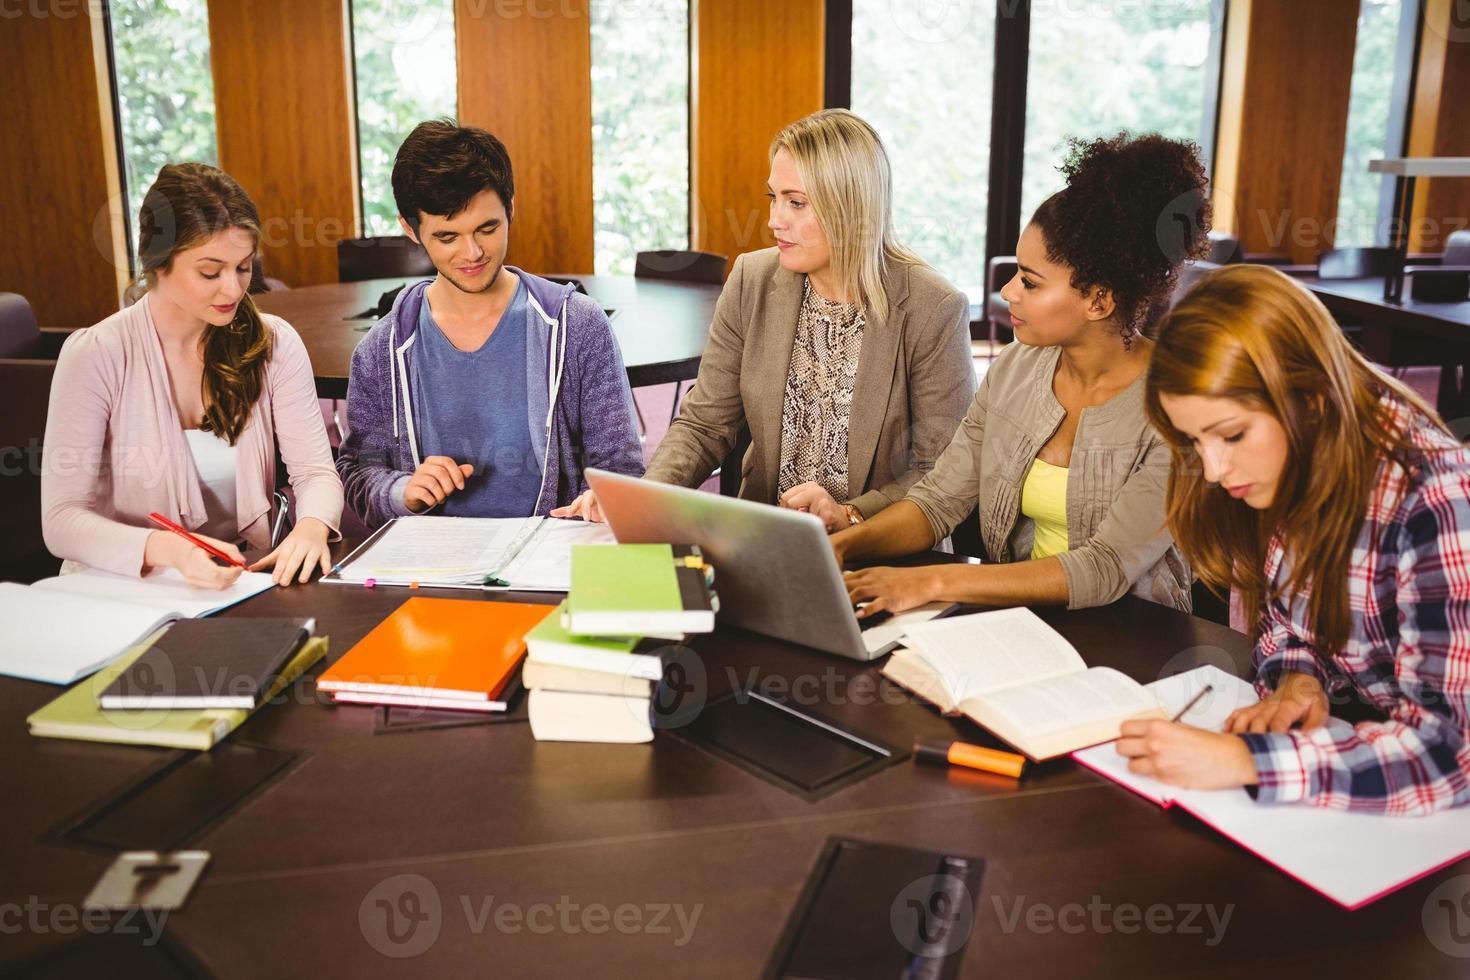 studenti sorridenti che lavorano insieme su un compito foto